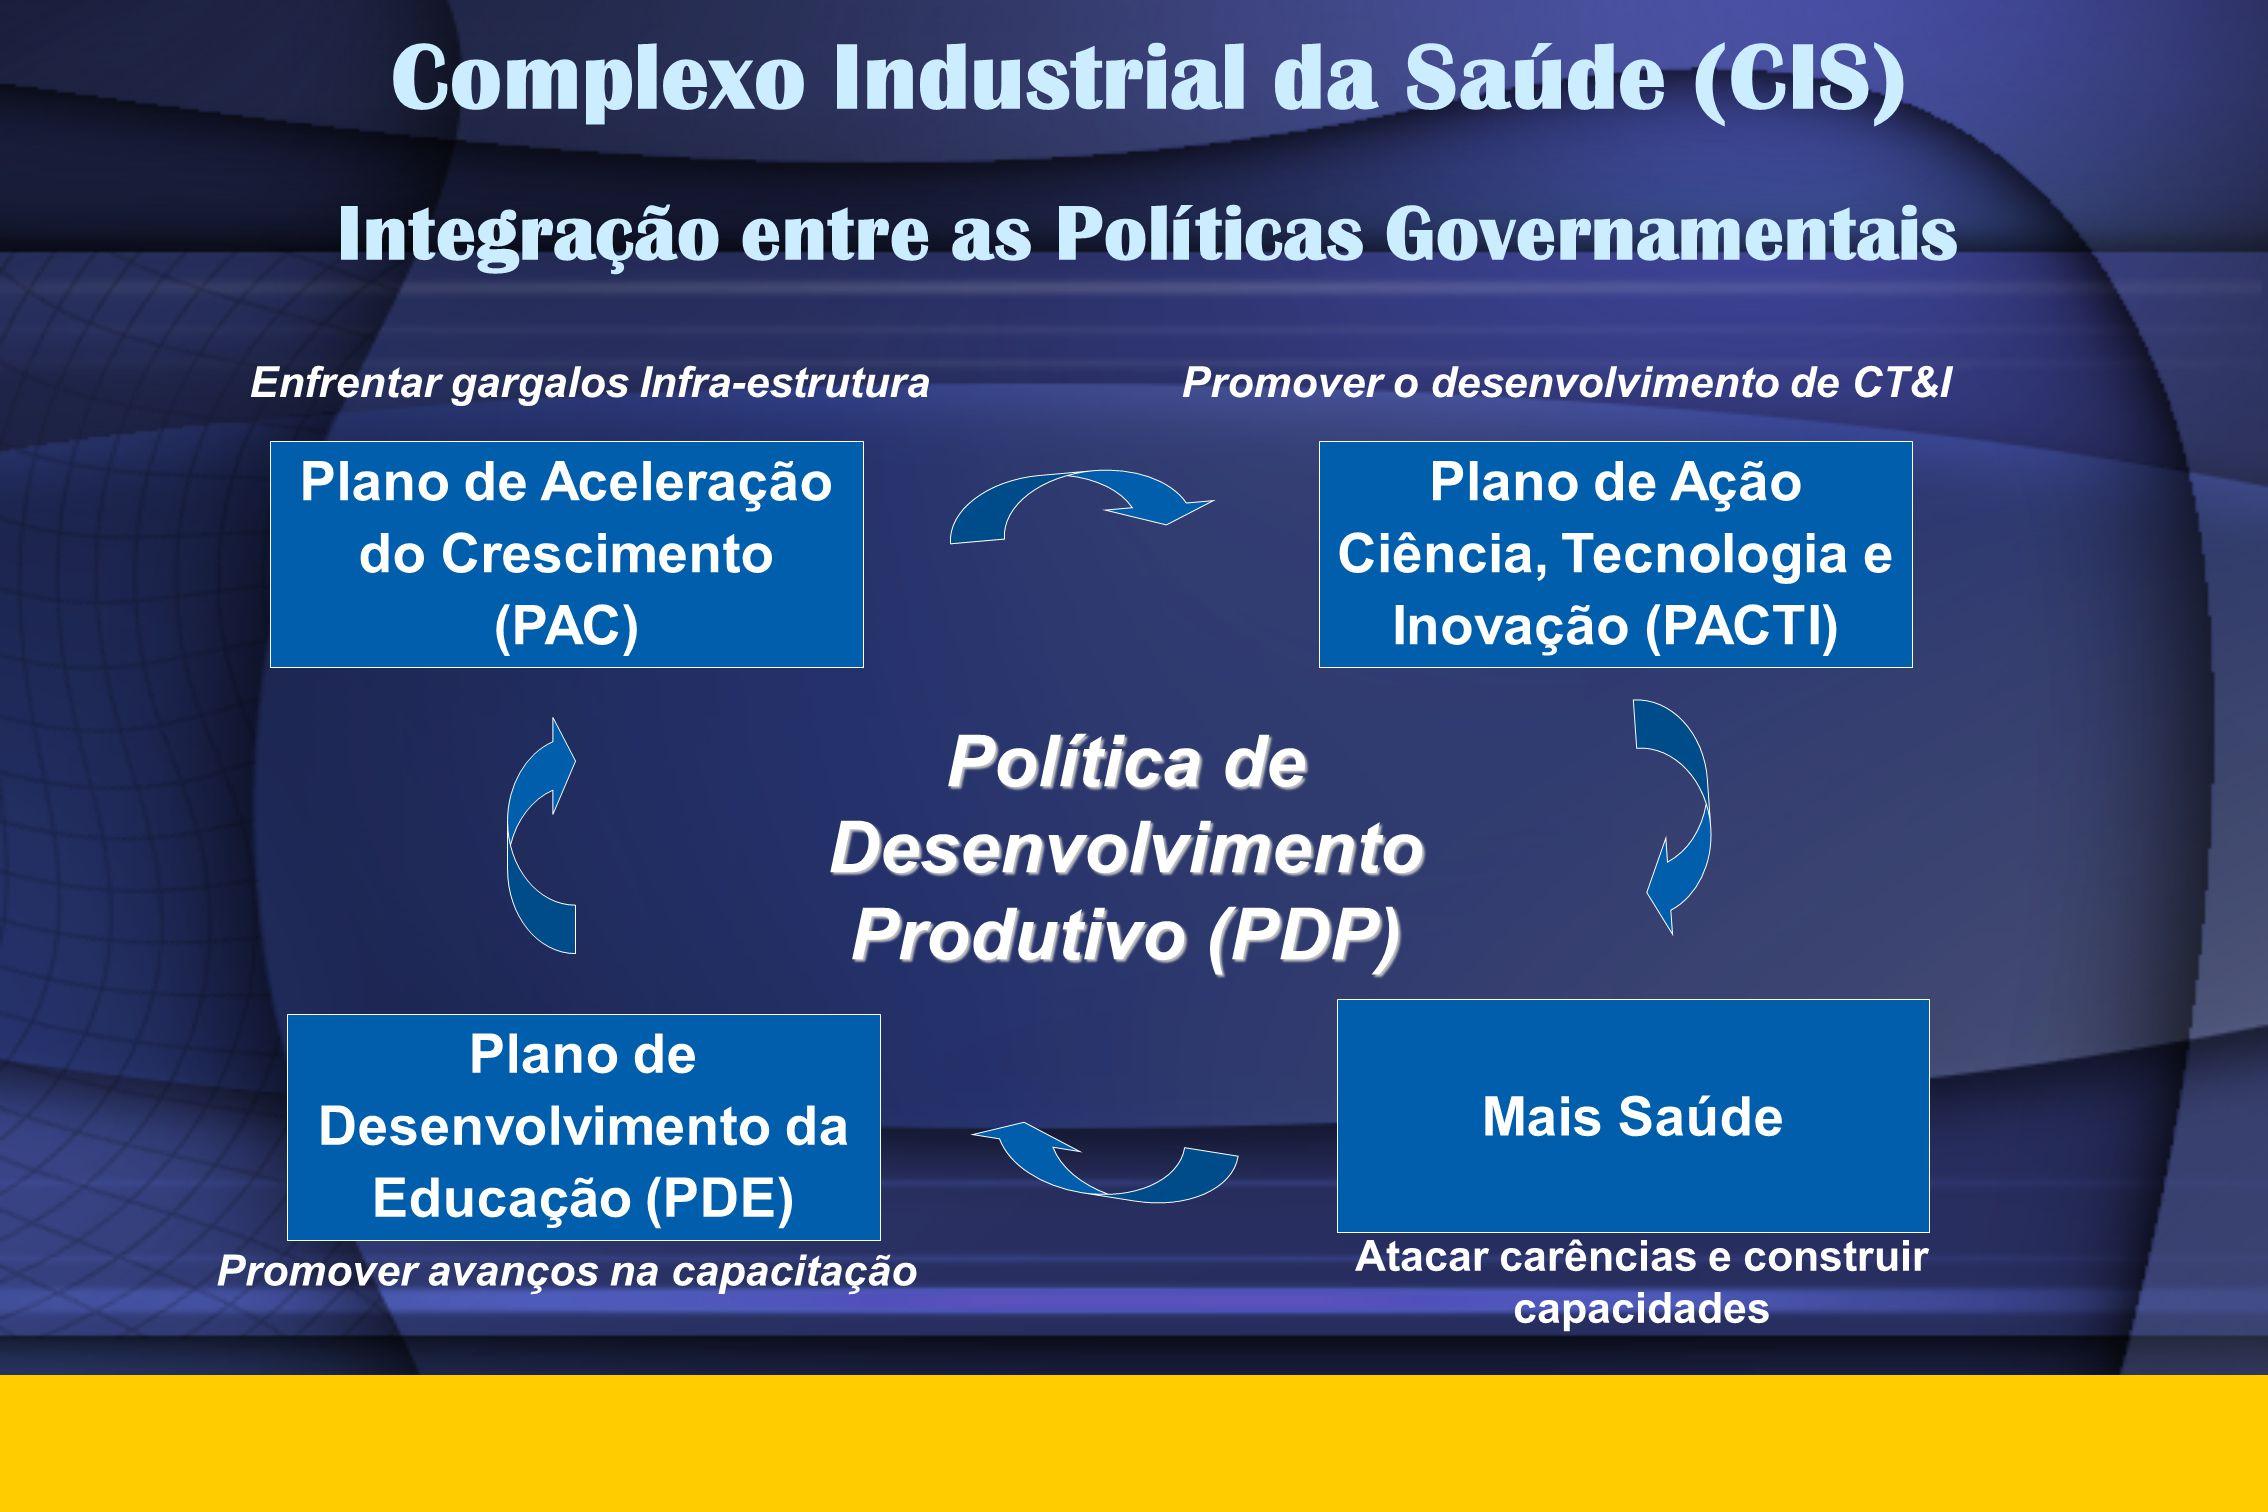 Grupo Executivo do Complexo Industrial da Saúde (Gecis) •Criado pelo Decreto Presidencial de 12 de maio de 2008 •Objetivo: promover medidas e ações concretas para implementação do marco regulatório brasileiro.